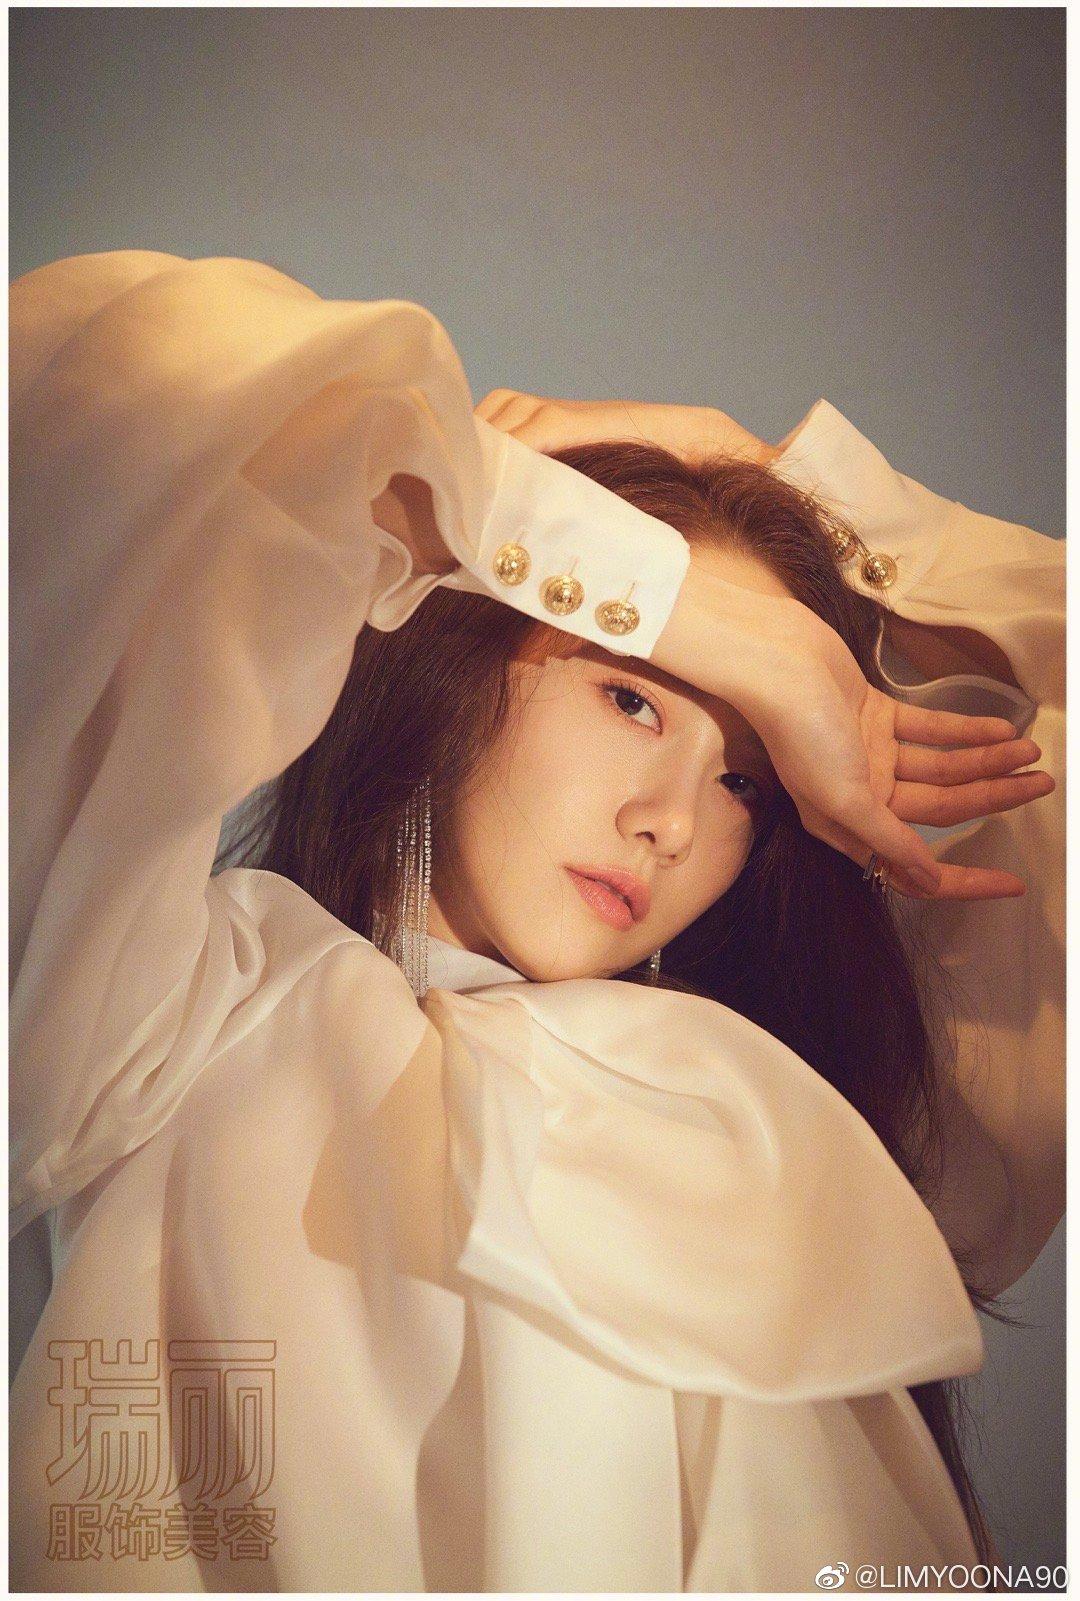 Yoona-2020-1-Rayli-9-www.kgirls.net.jpg